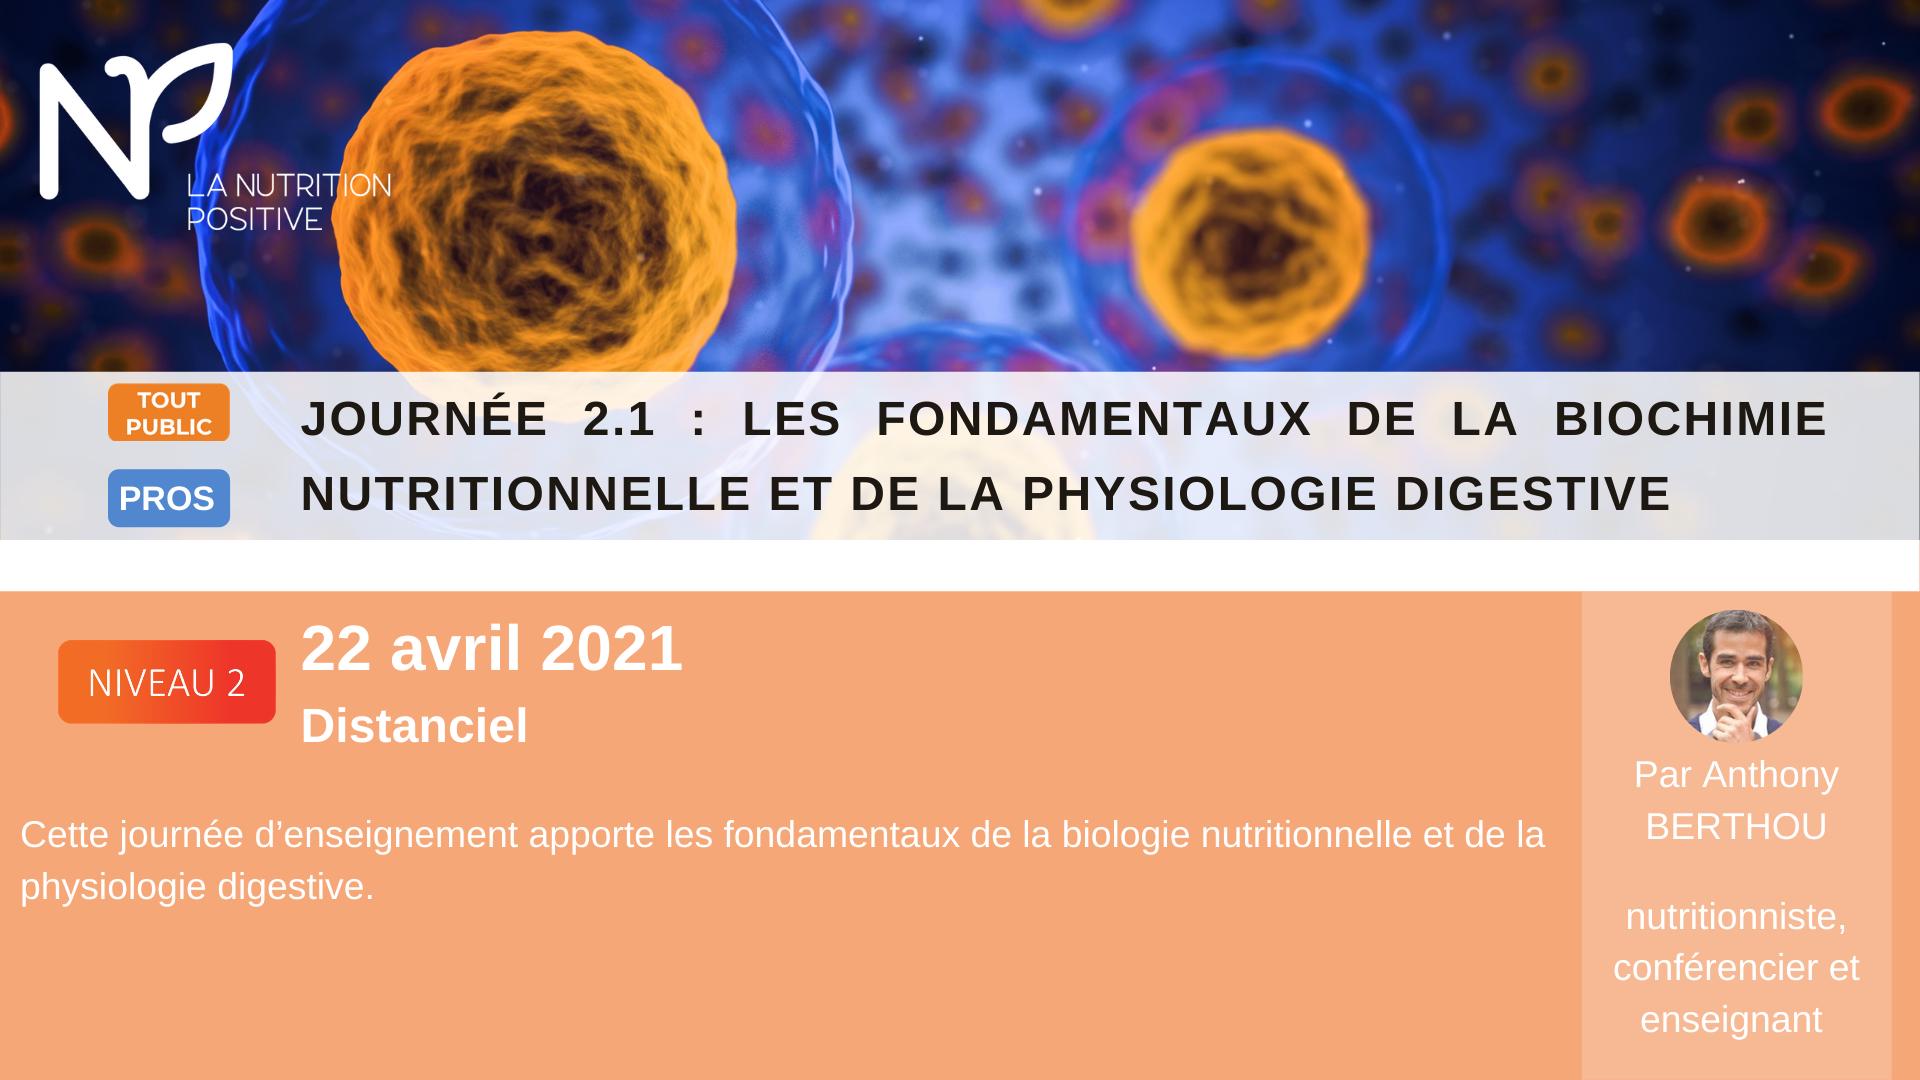 Les fondamentaux de la biochimie nutritionnelle et de la physiologie digestive